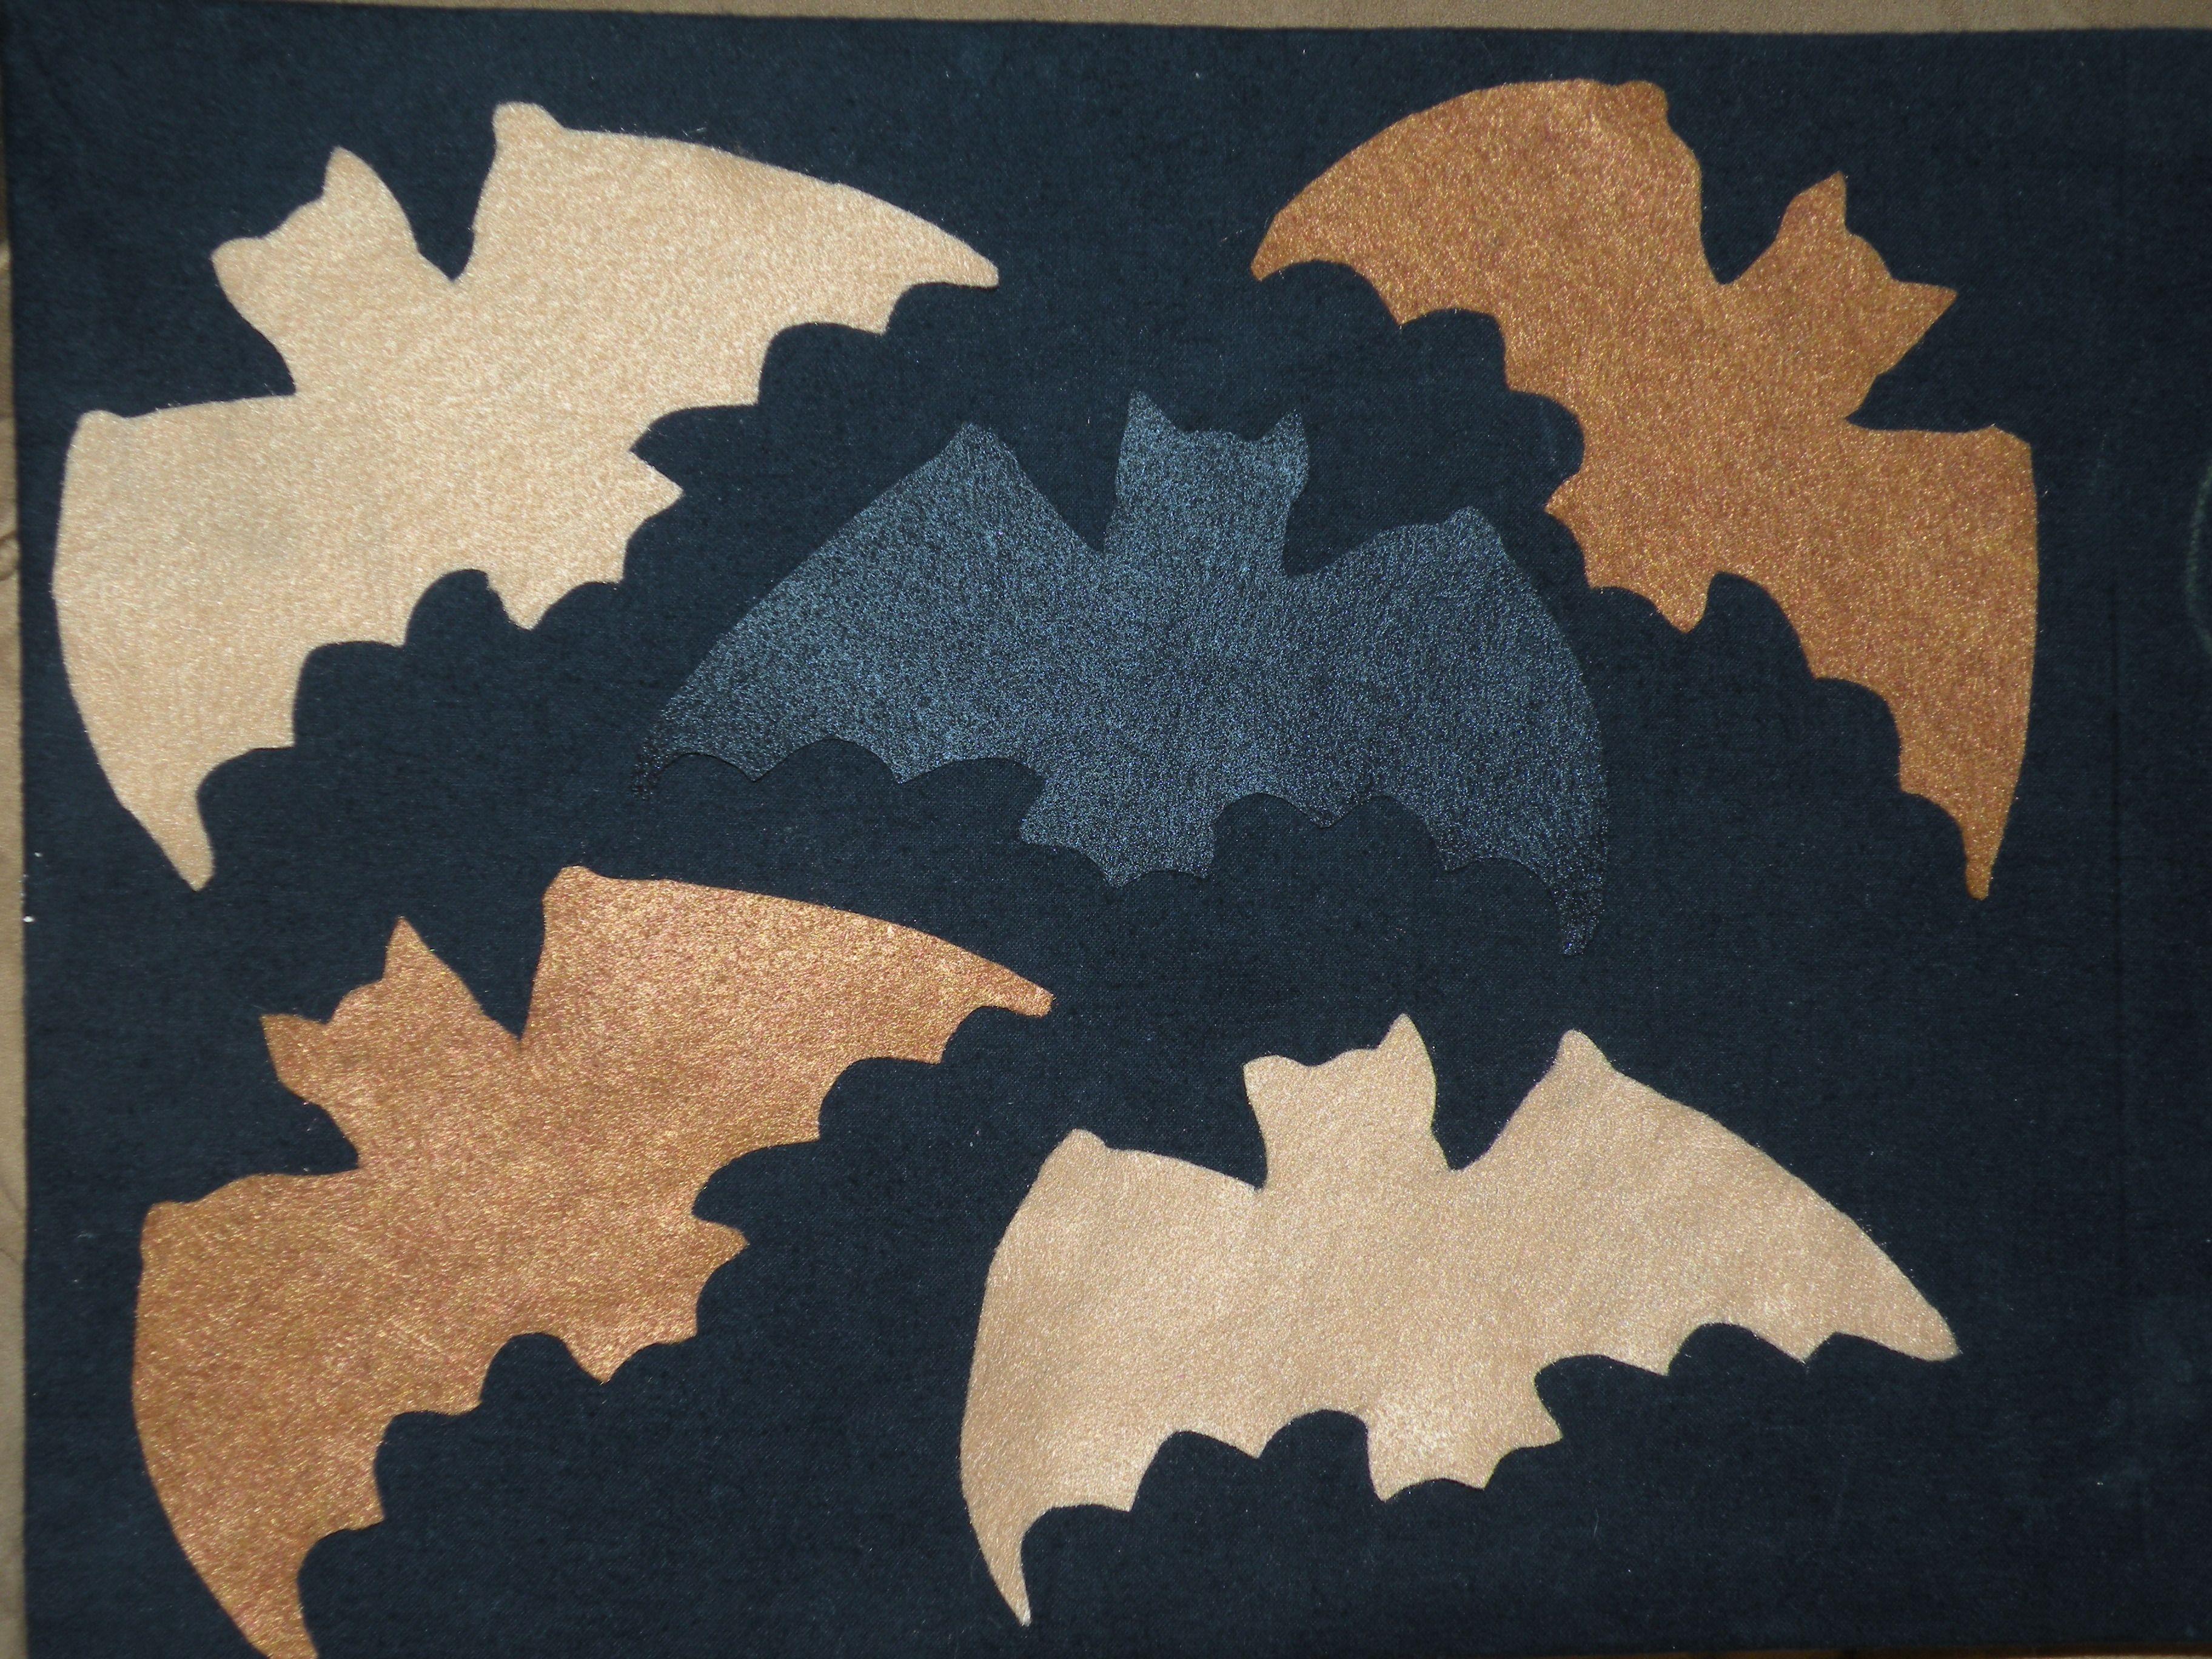 5 Little Bats